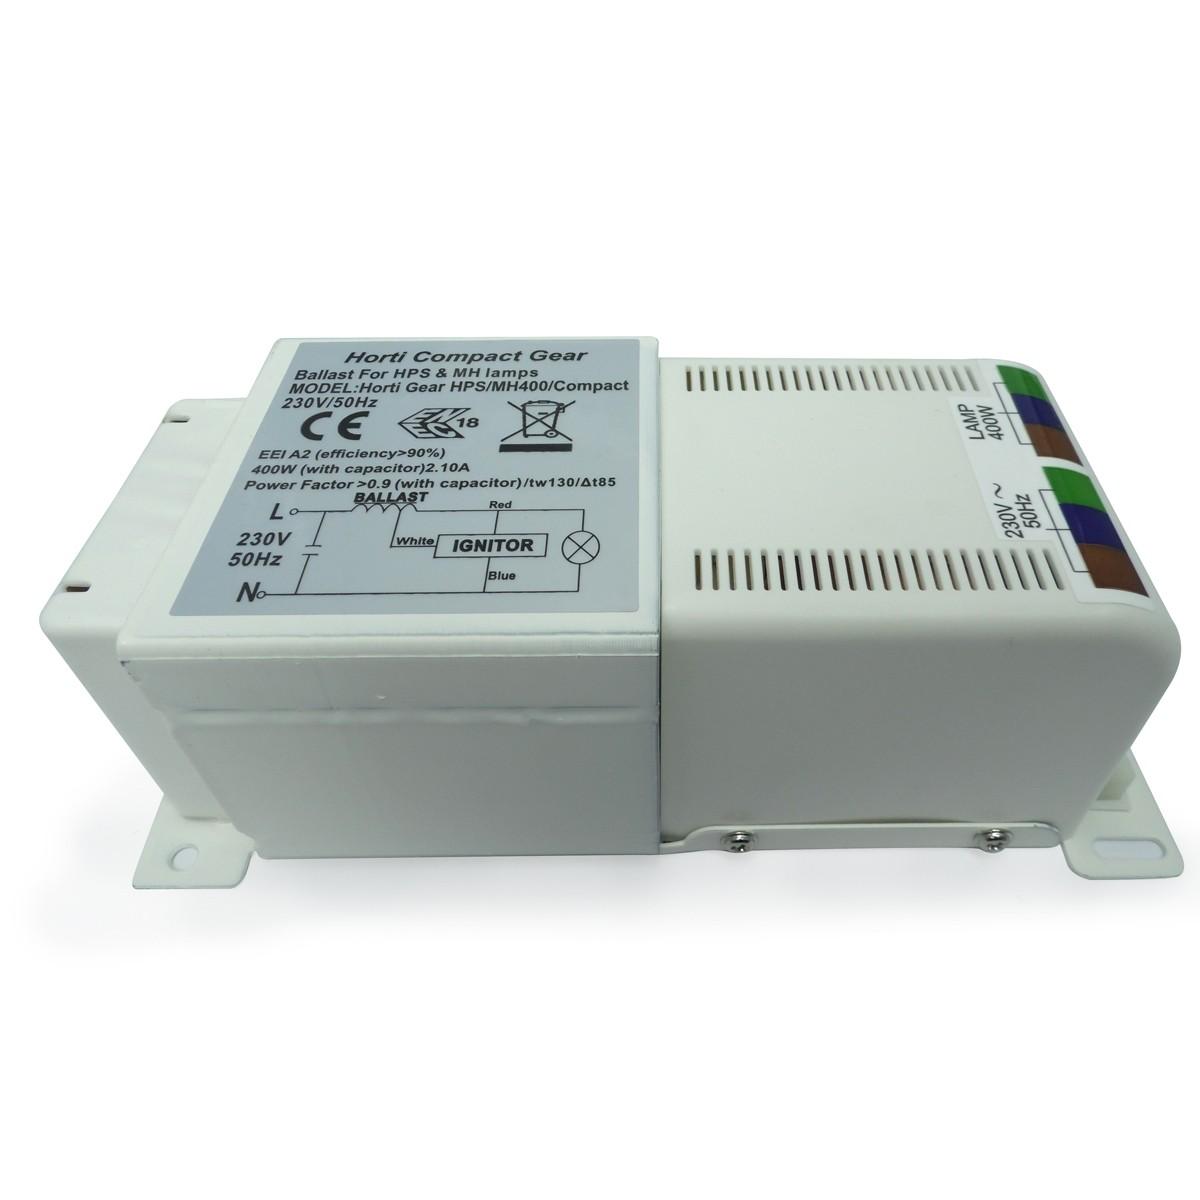 Magnetický předřadník Horti gear compact 400W s tepelnou ochranou